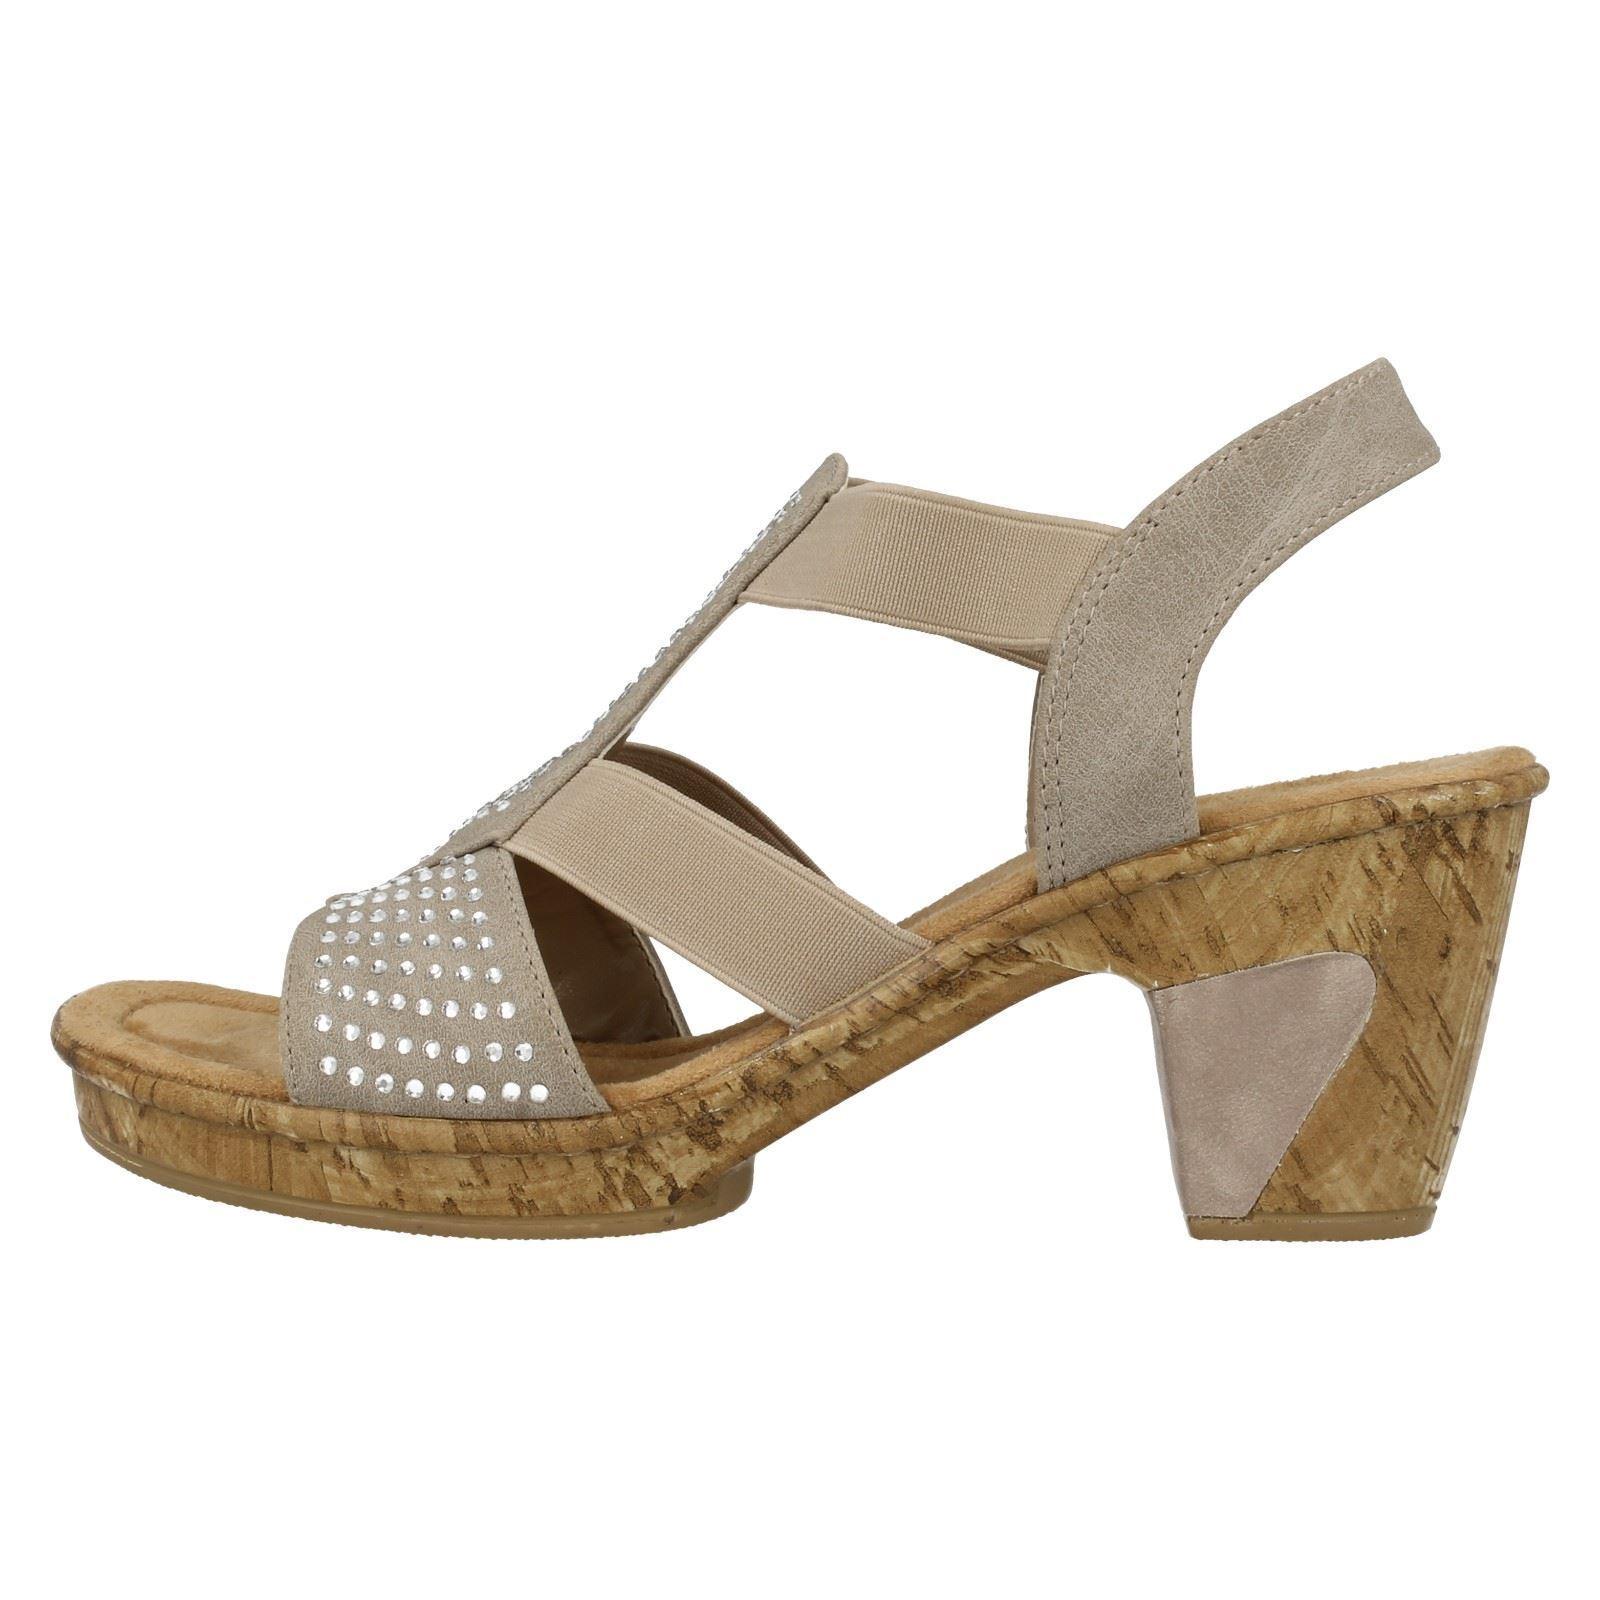 Damen Rieker 69732 Beige Absatz Sandale mit Diamante-Detail